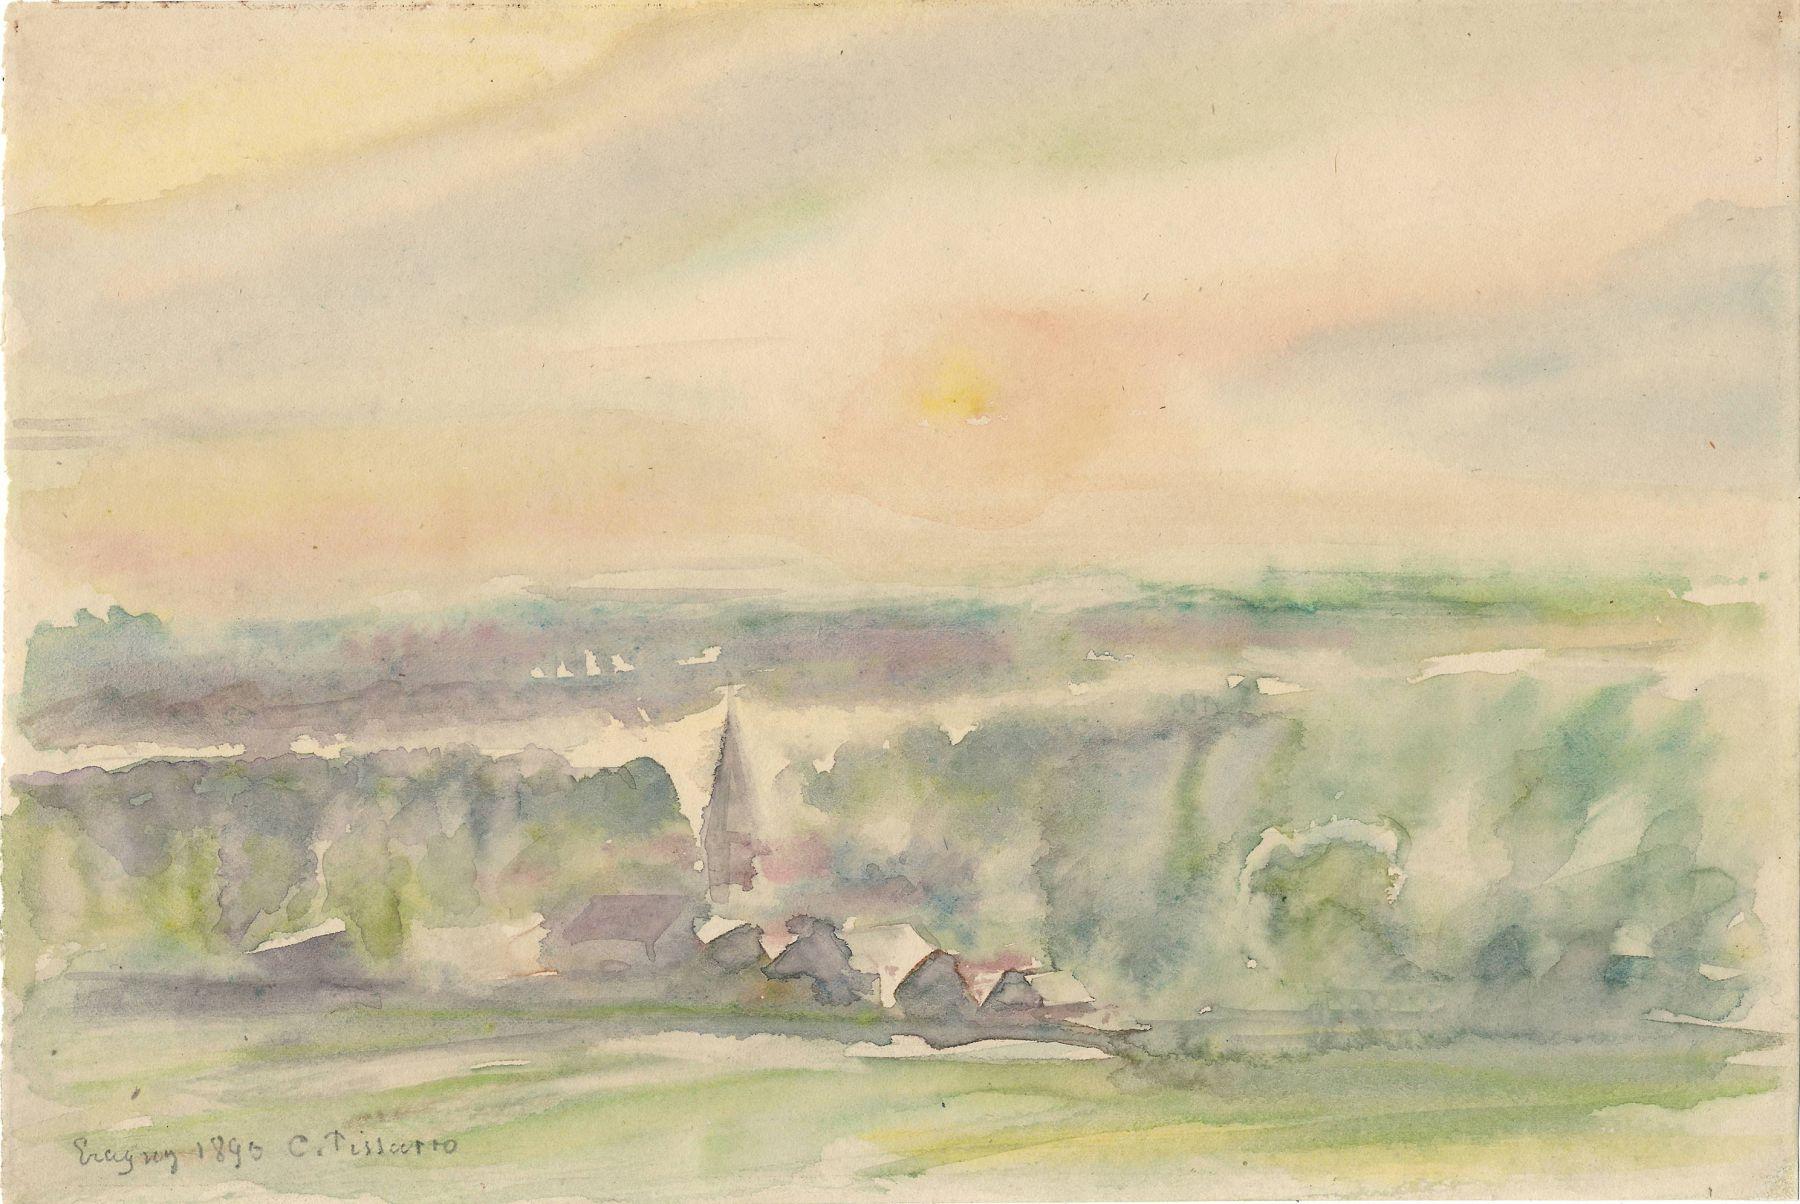 Camille Pissarro  Eragny, 1890  Watercolor on paper 6 1/2 x 9 5/8 inches